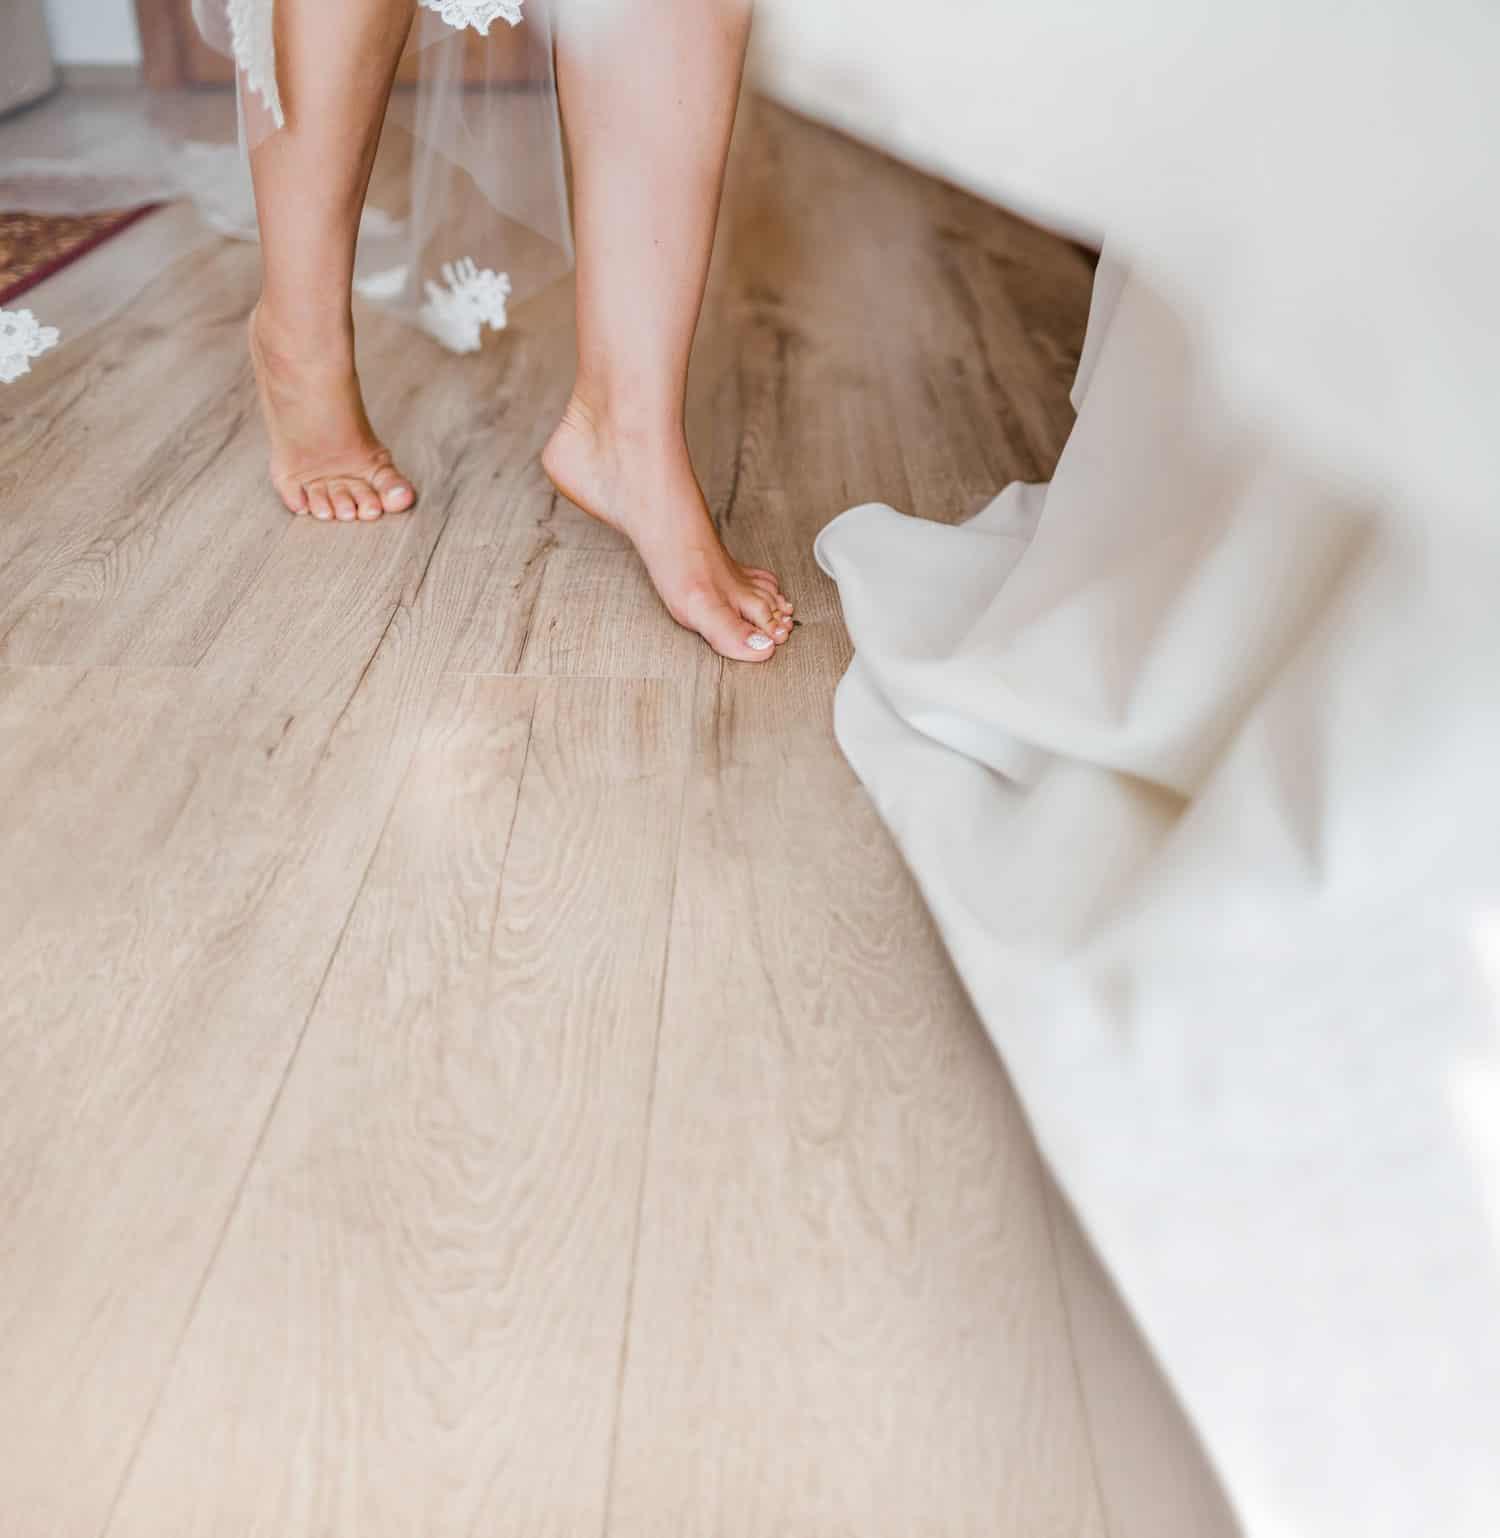 Bevara gamla golv med rätt behandling för trägolv i just ditt hem – del 2